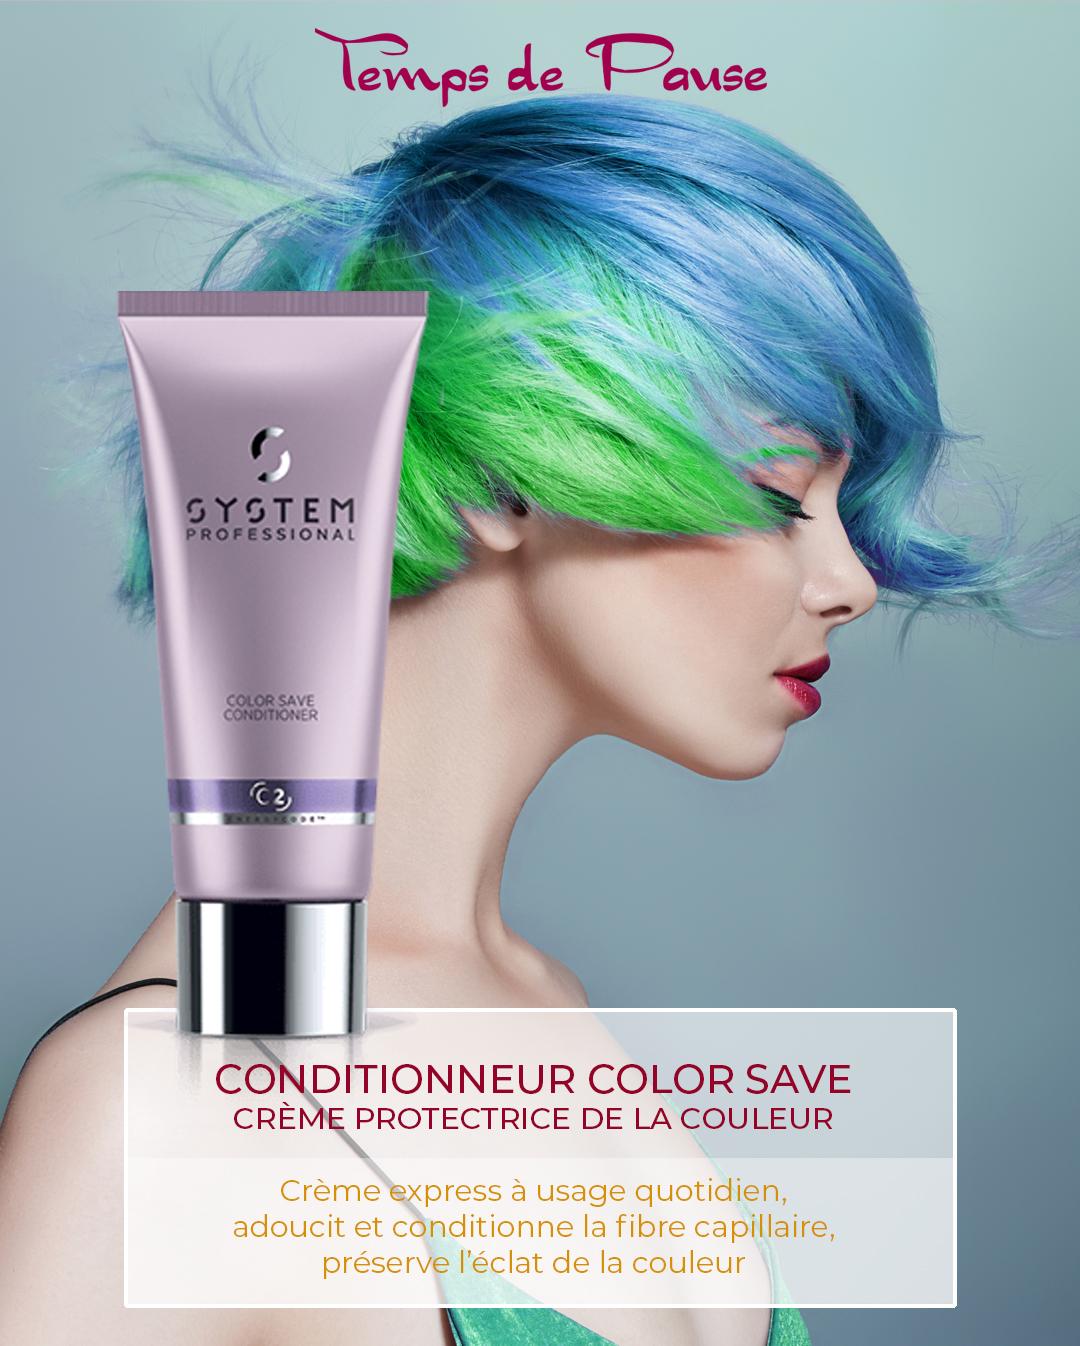 CONDITIONNEUR COLOR SAVE, Crème protectrice de couleur